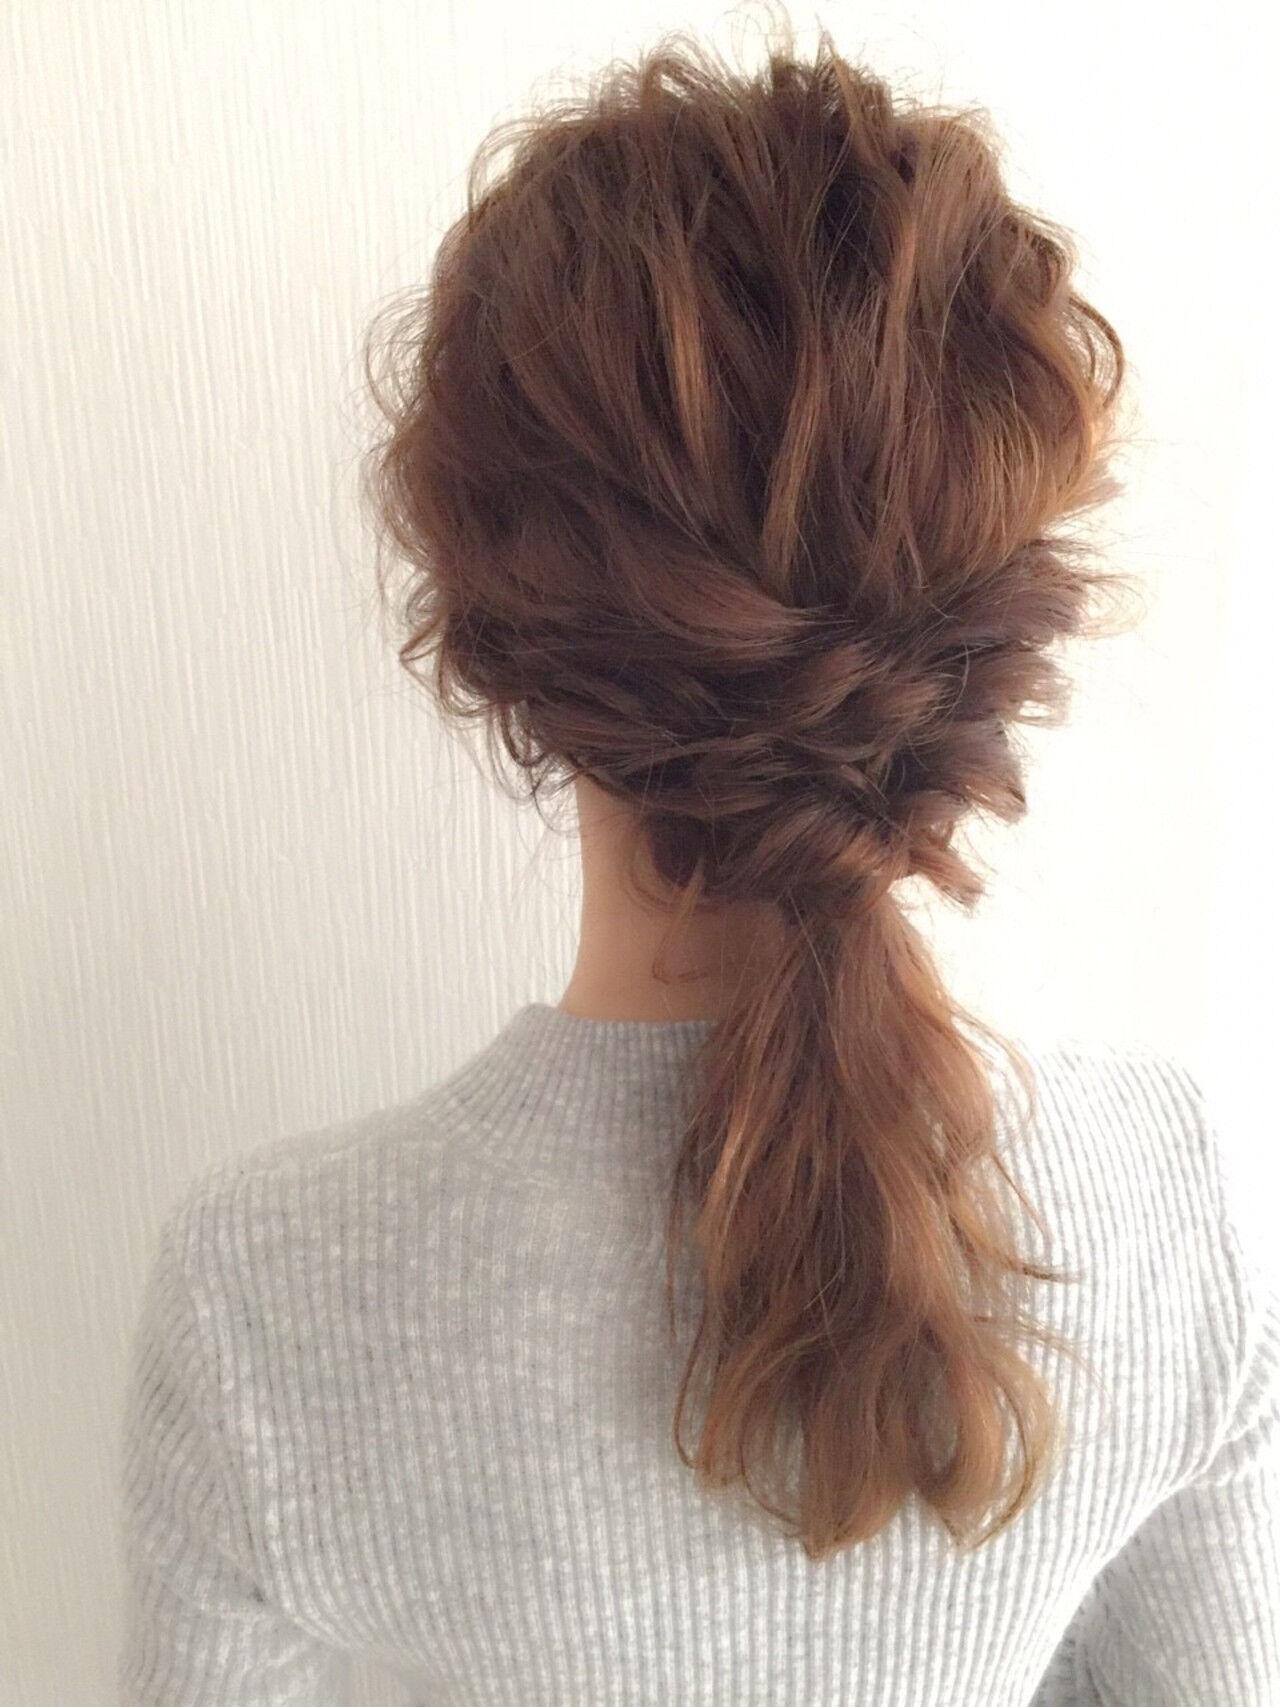 ゆるふわ ヘアアレンジ セミロング ハーフアップヘアスタイルや髪型の写真・画像